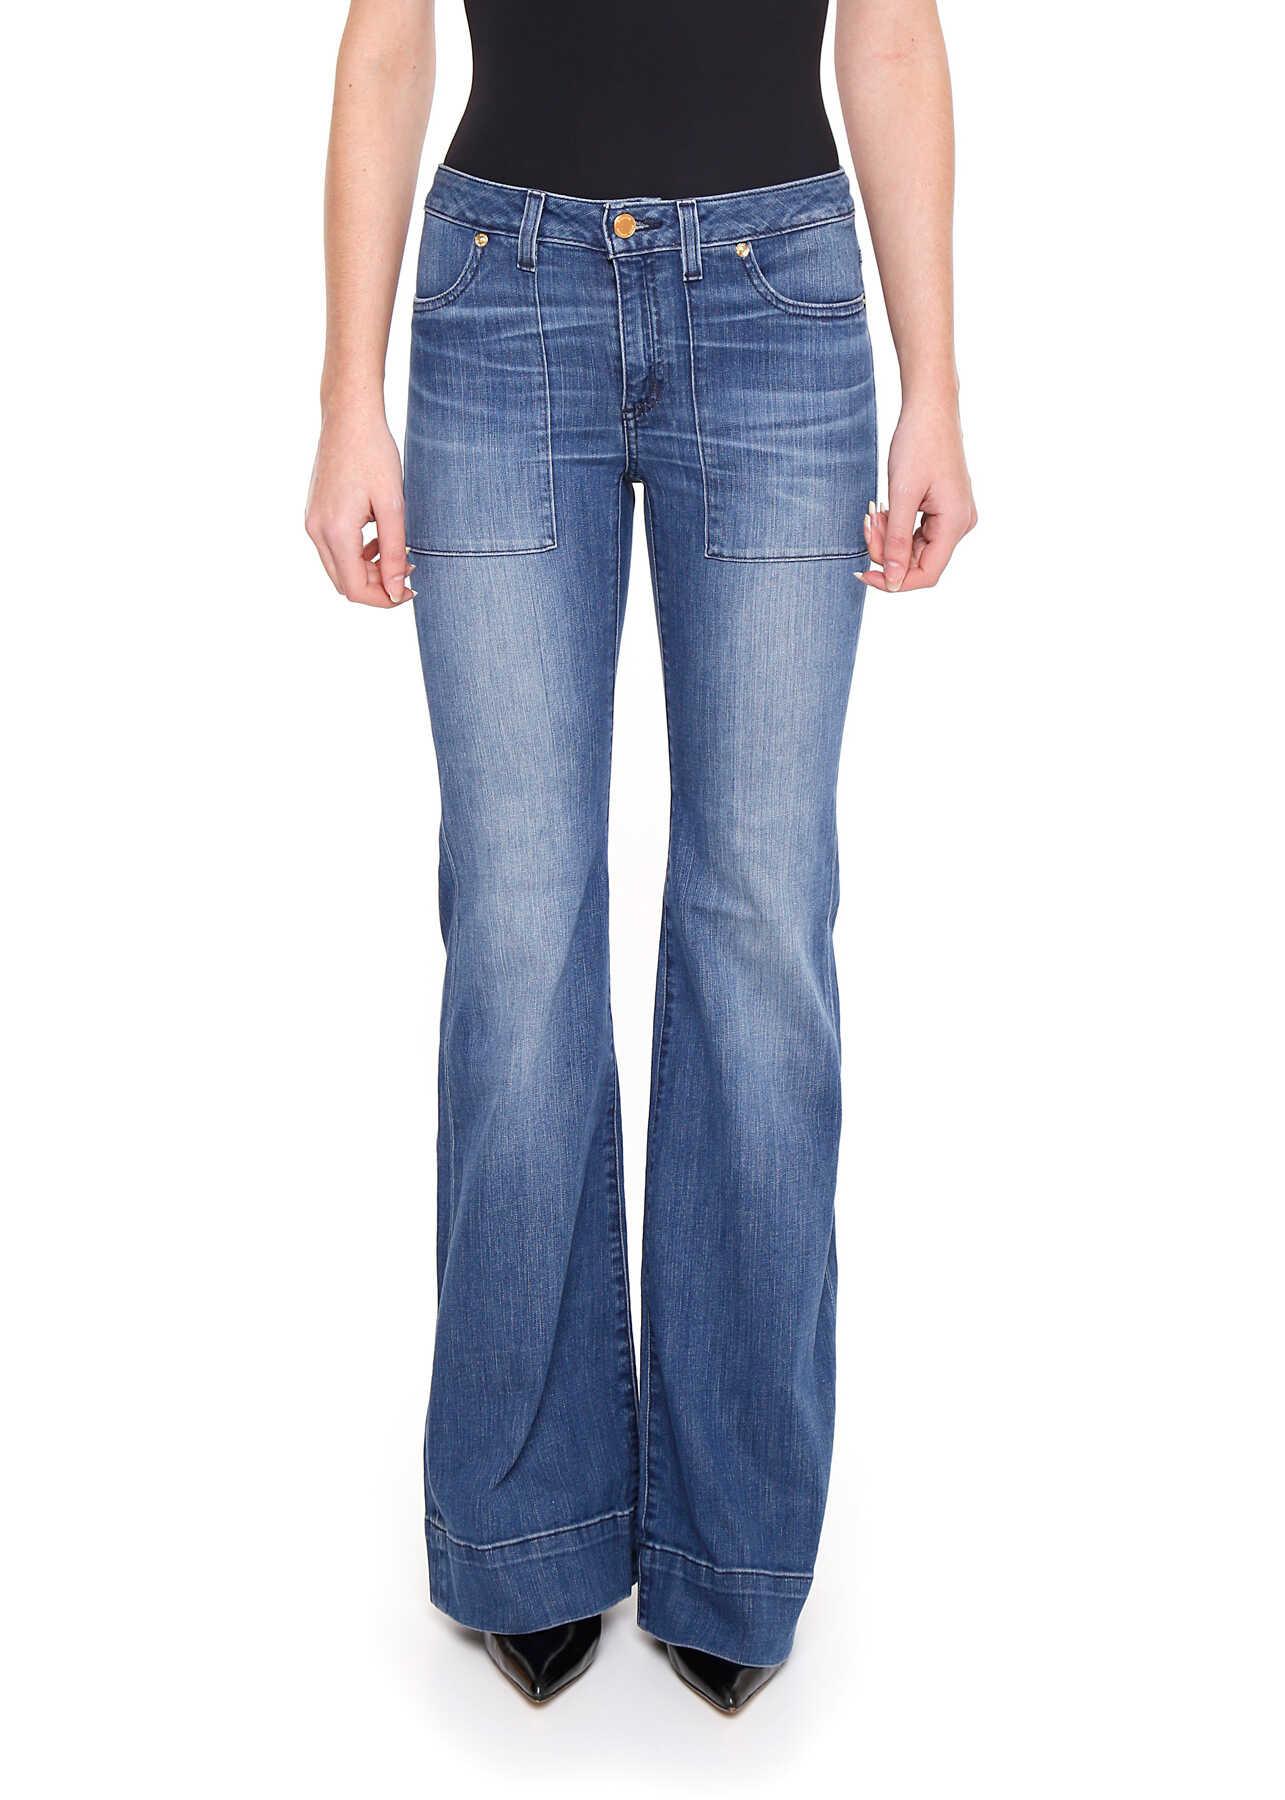 Michael Kors Patch Flare Jeans VINT BL WASH